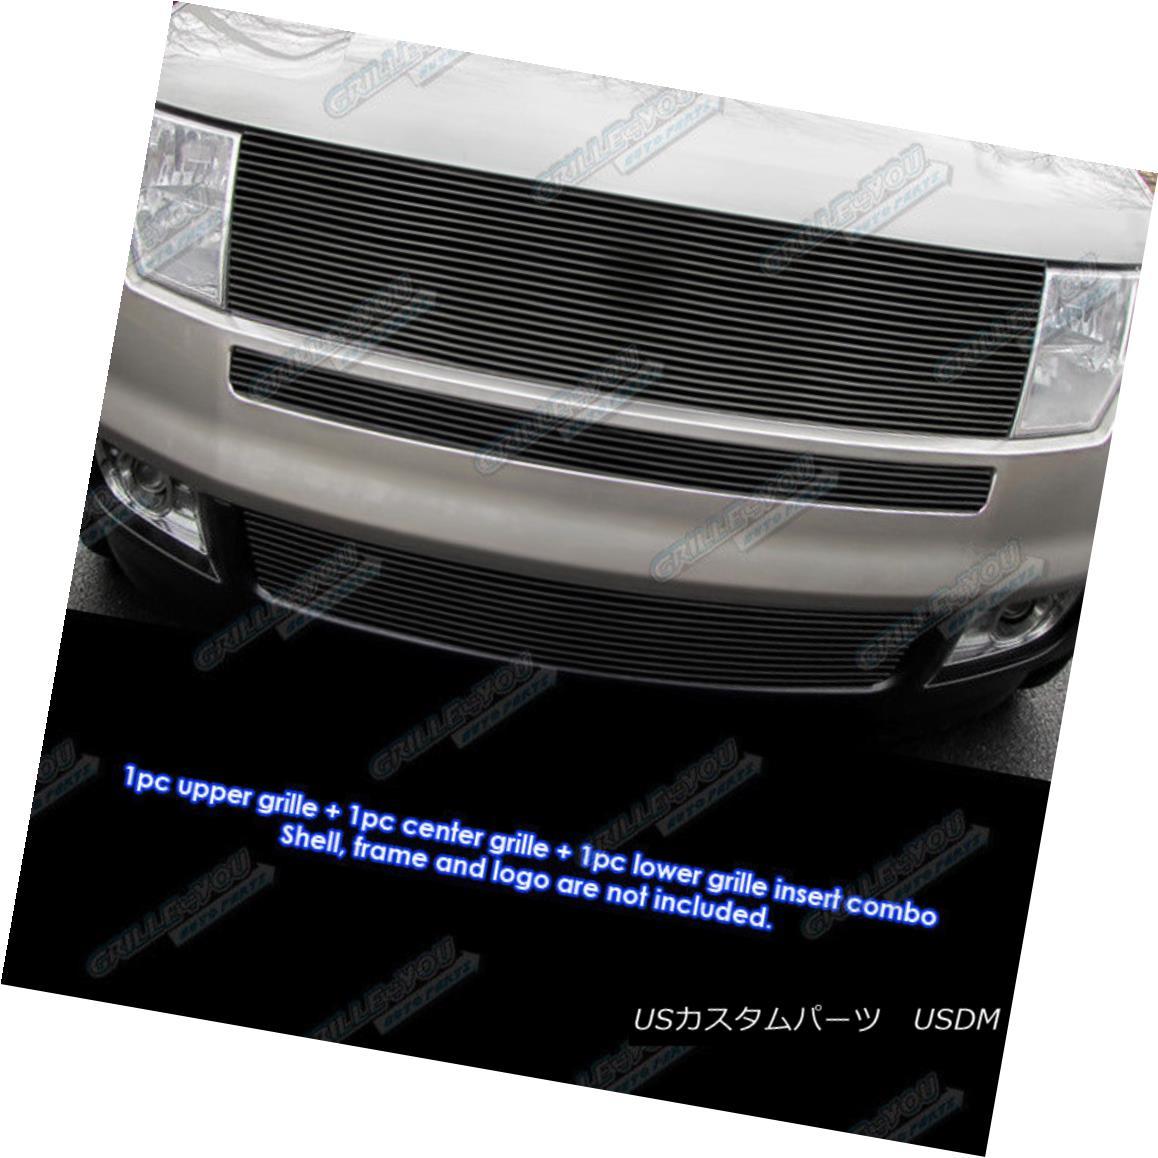 グリル Fits 2007-2010 Ford Edge Black Upper and Bumper Combo Black Billet Grille フィット2007年?2010年フォードエッジブラックアッパーとバンパーコンボブラックビレットグリル